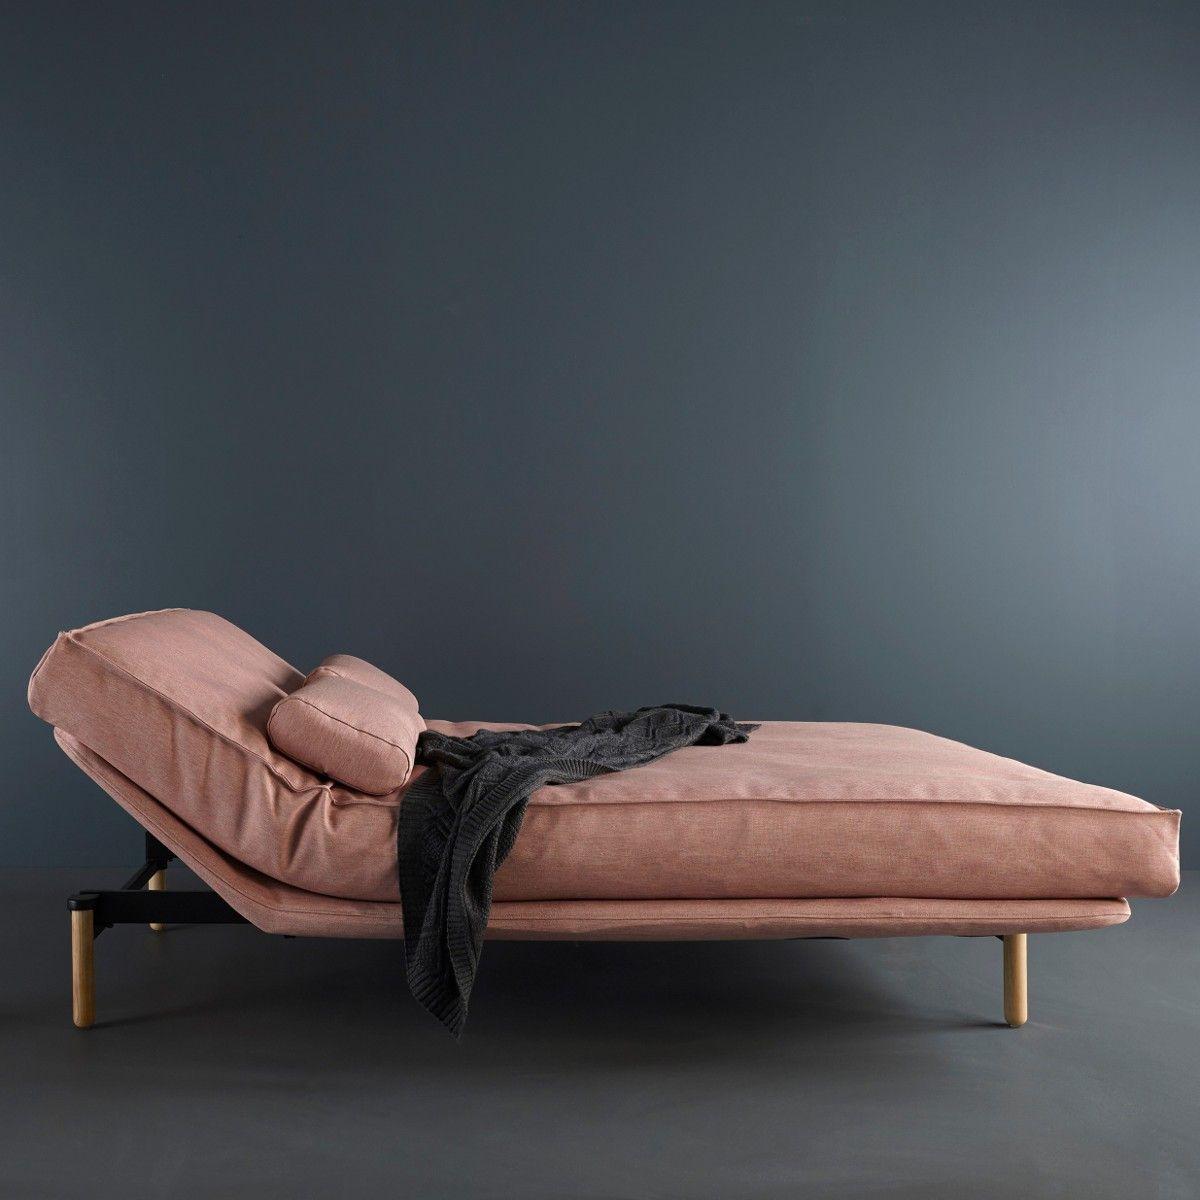 Vidar+divano+letto+design+nordico+matrimoniale+sfoderabile | Divani ...